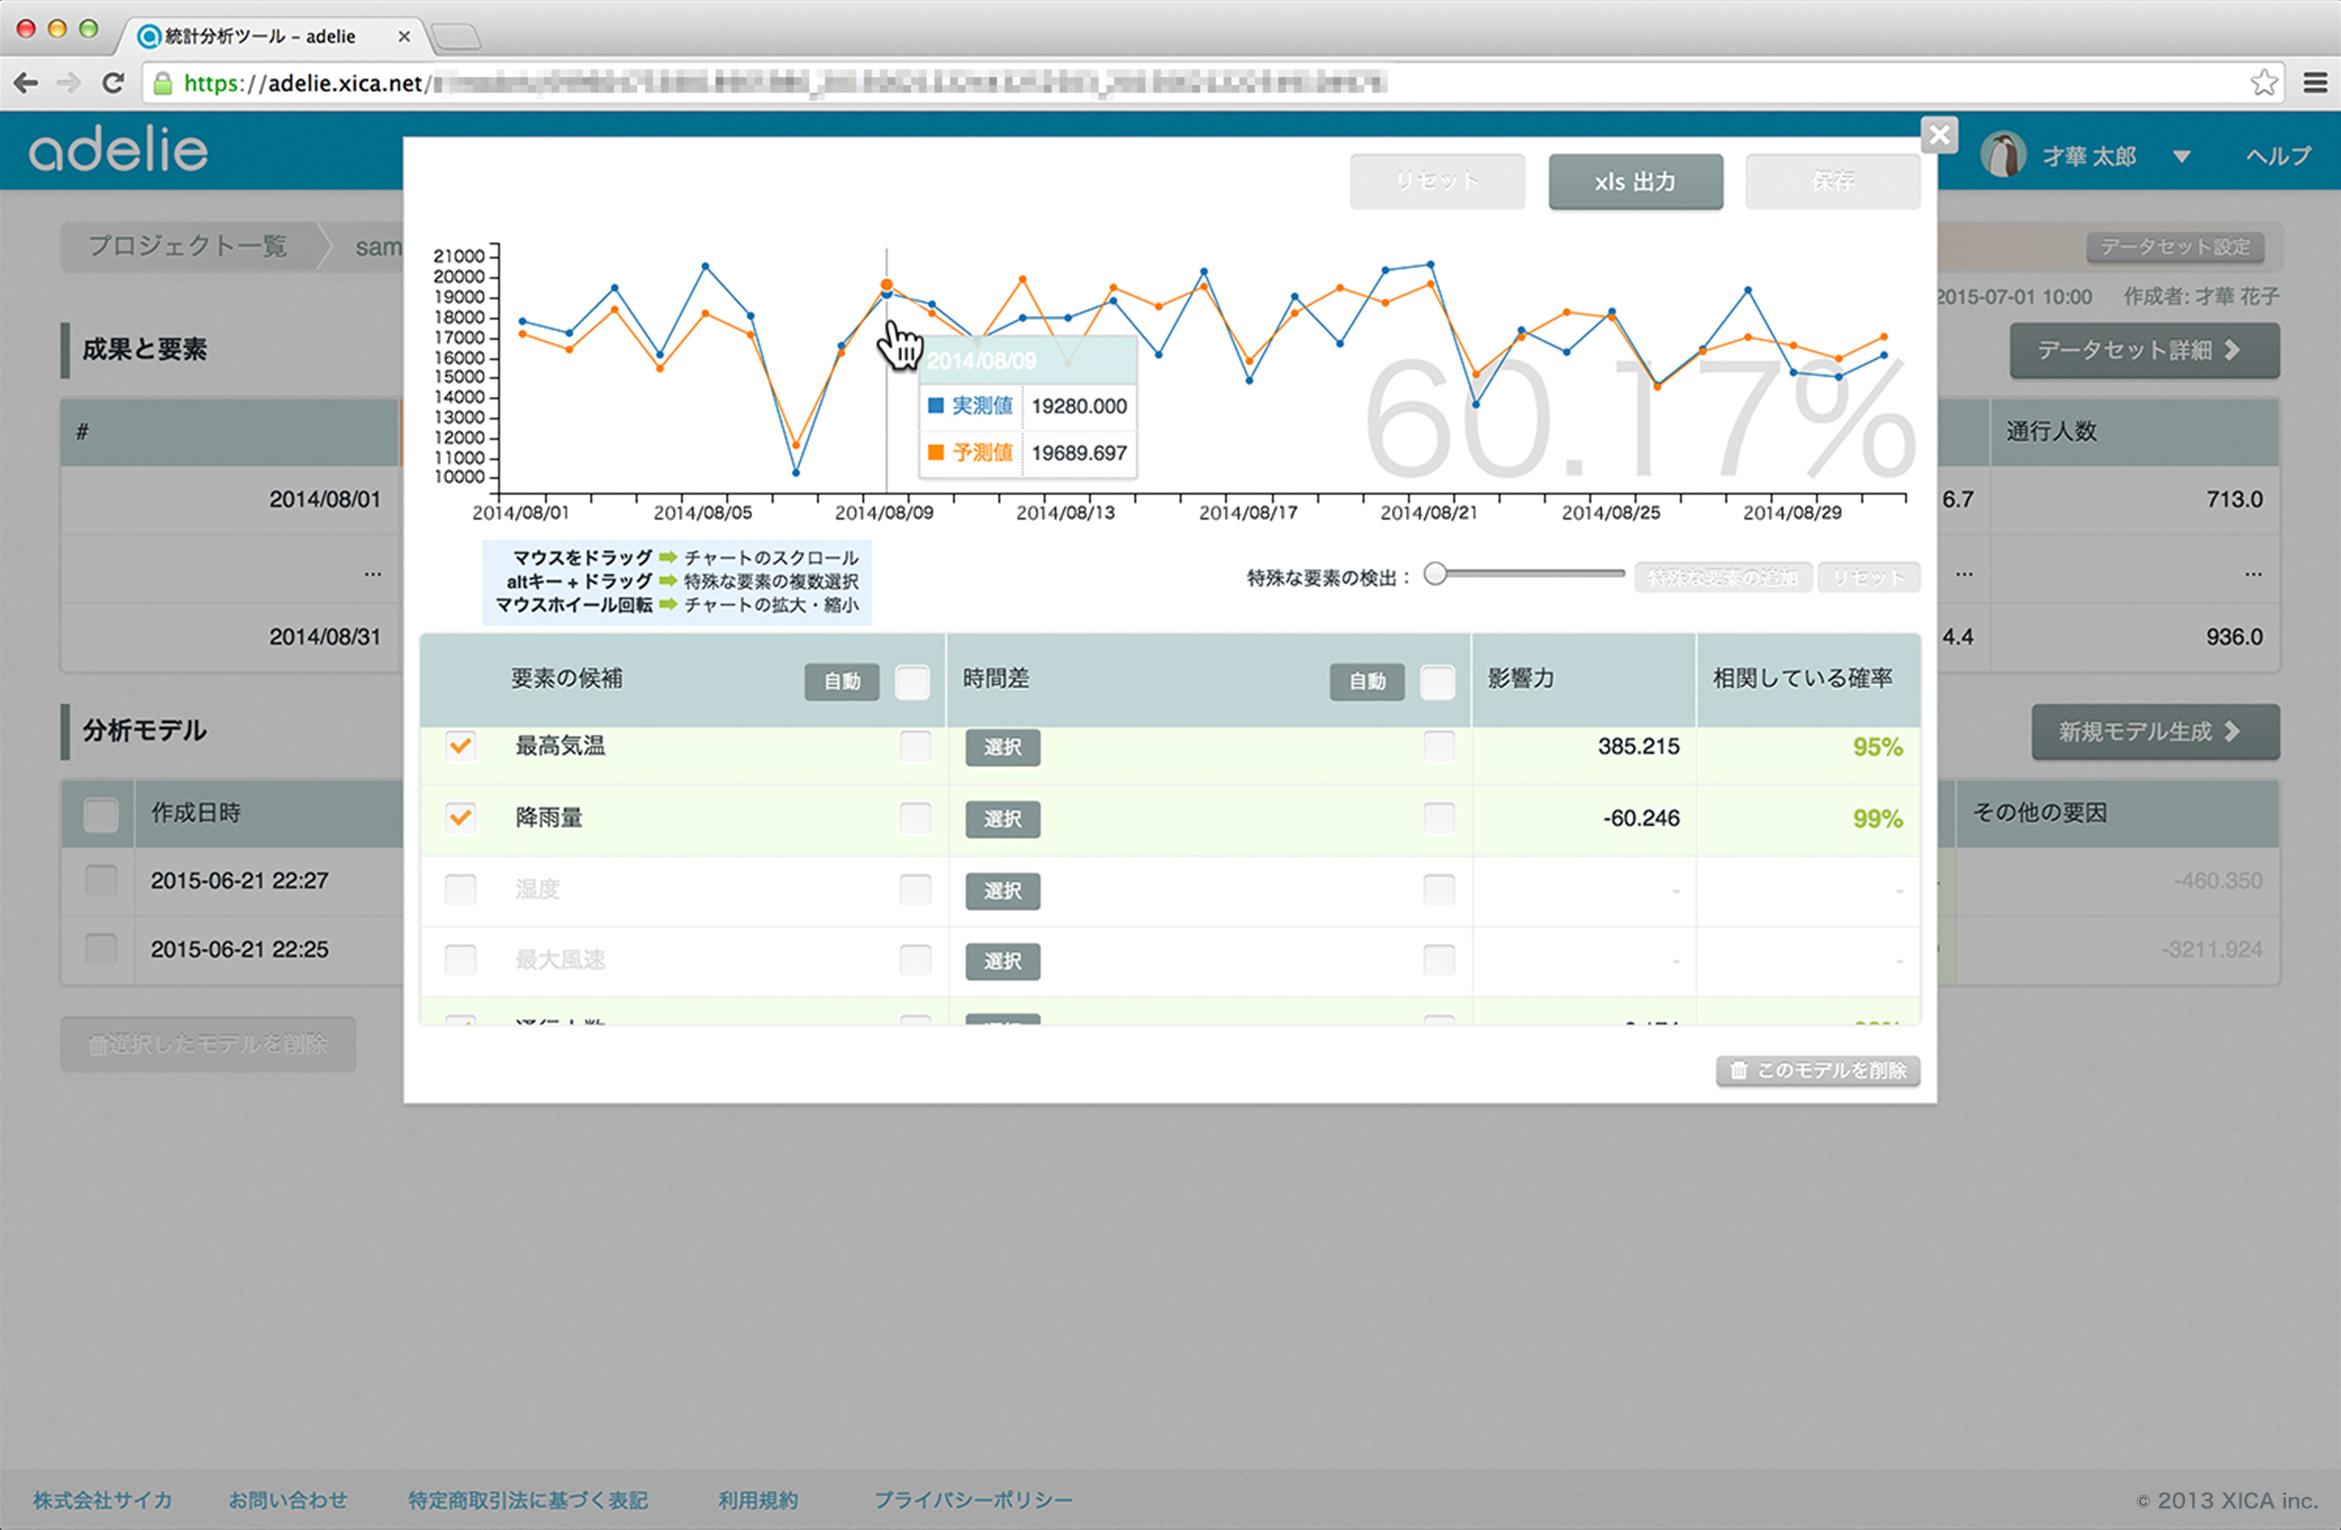 株式会社インテリジェンス ビジネスソリューションズ、株式会社サイカと提携